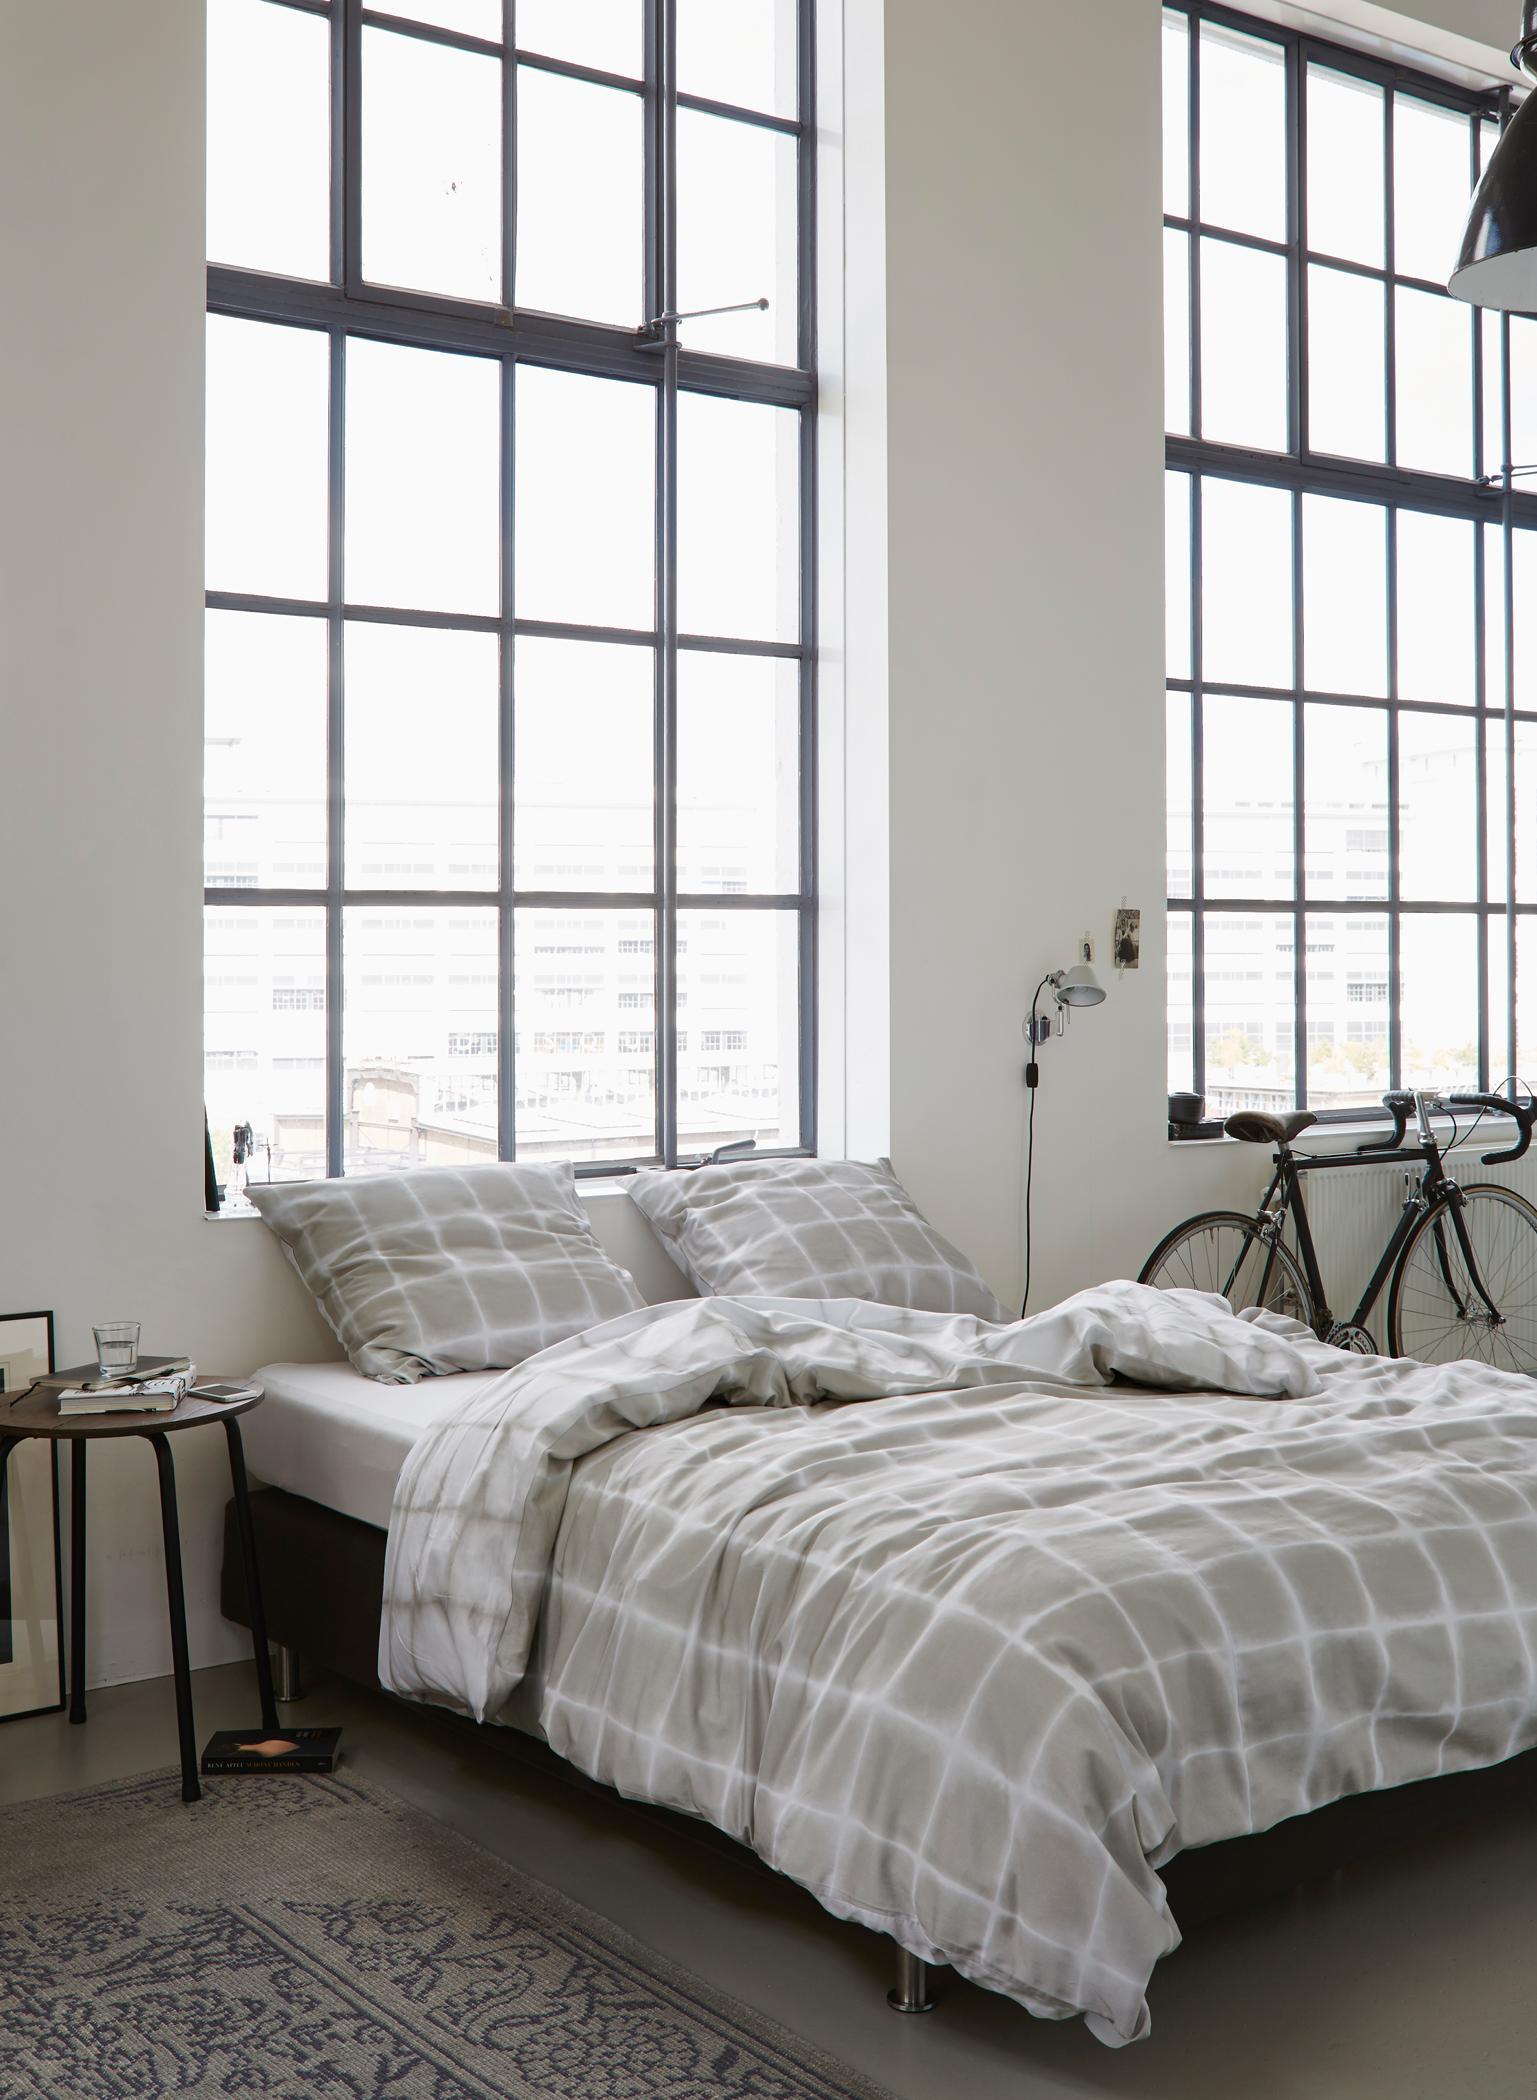 Schlafzimmer Mit Sprossenfenstern #bett #bettwäsche #sprossenfenster  #schlafzimmergestalten #zimmergestaltung ©Essenza Home